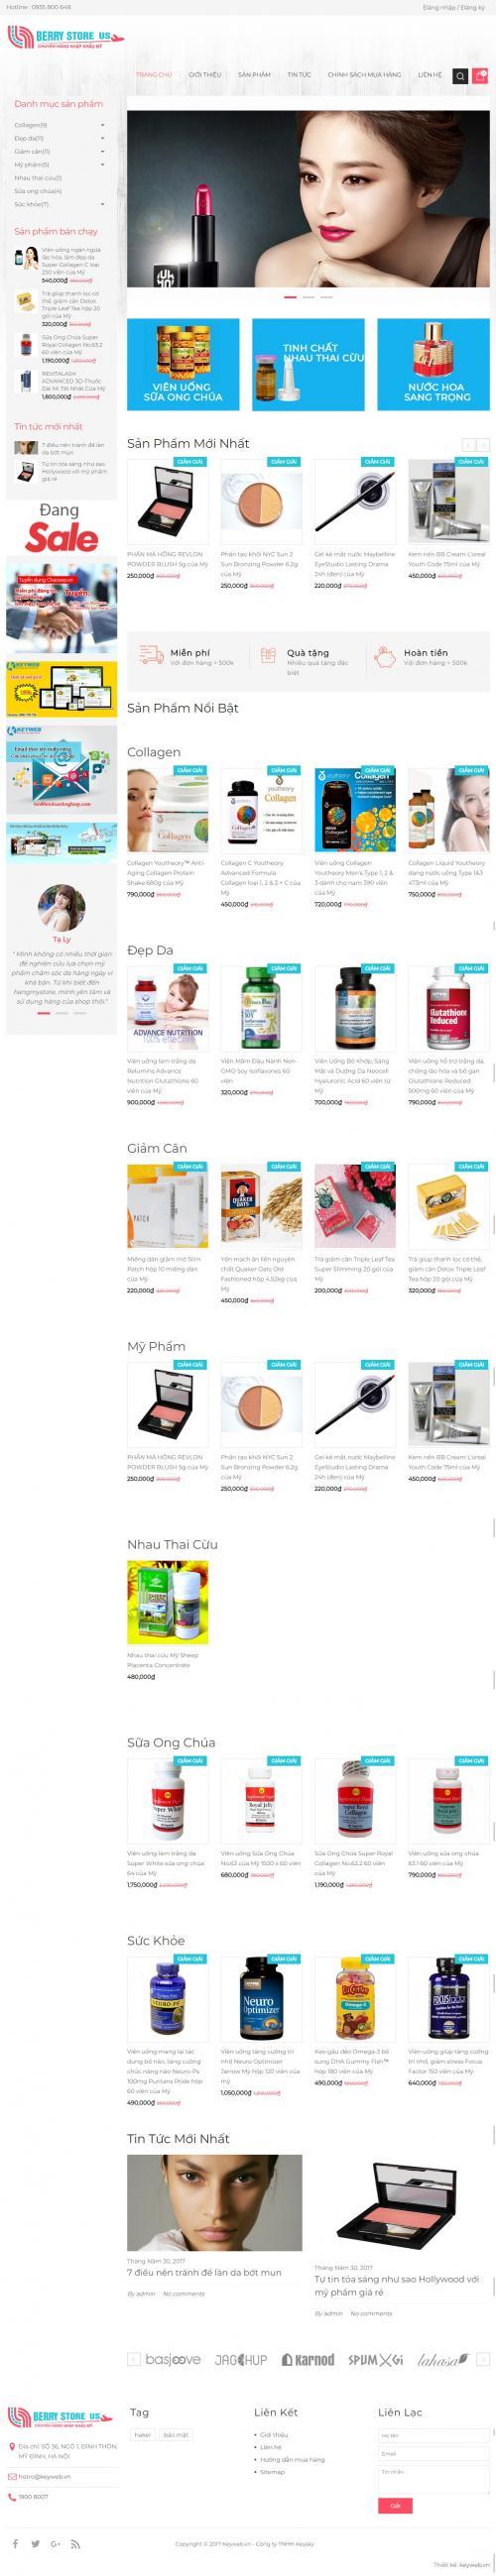 Thiết kế website bán mỹ phẩm và thực phẩm chức năng